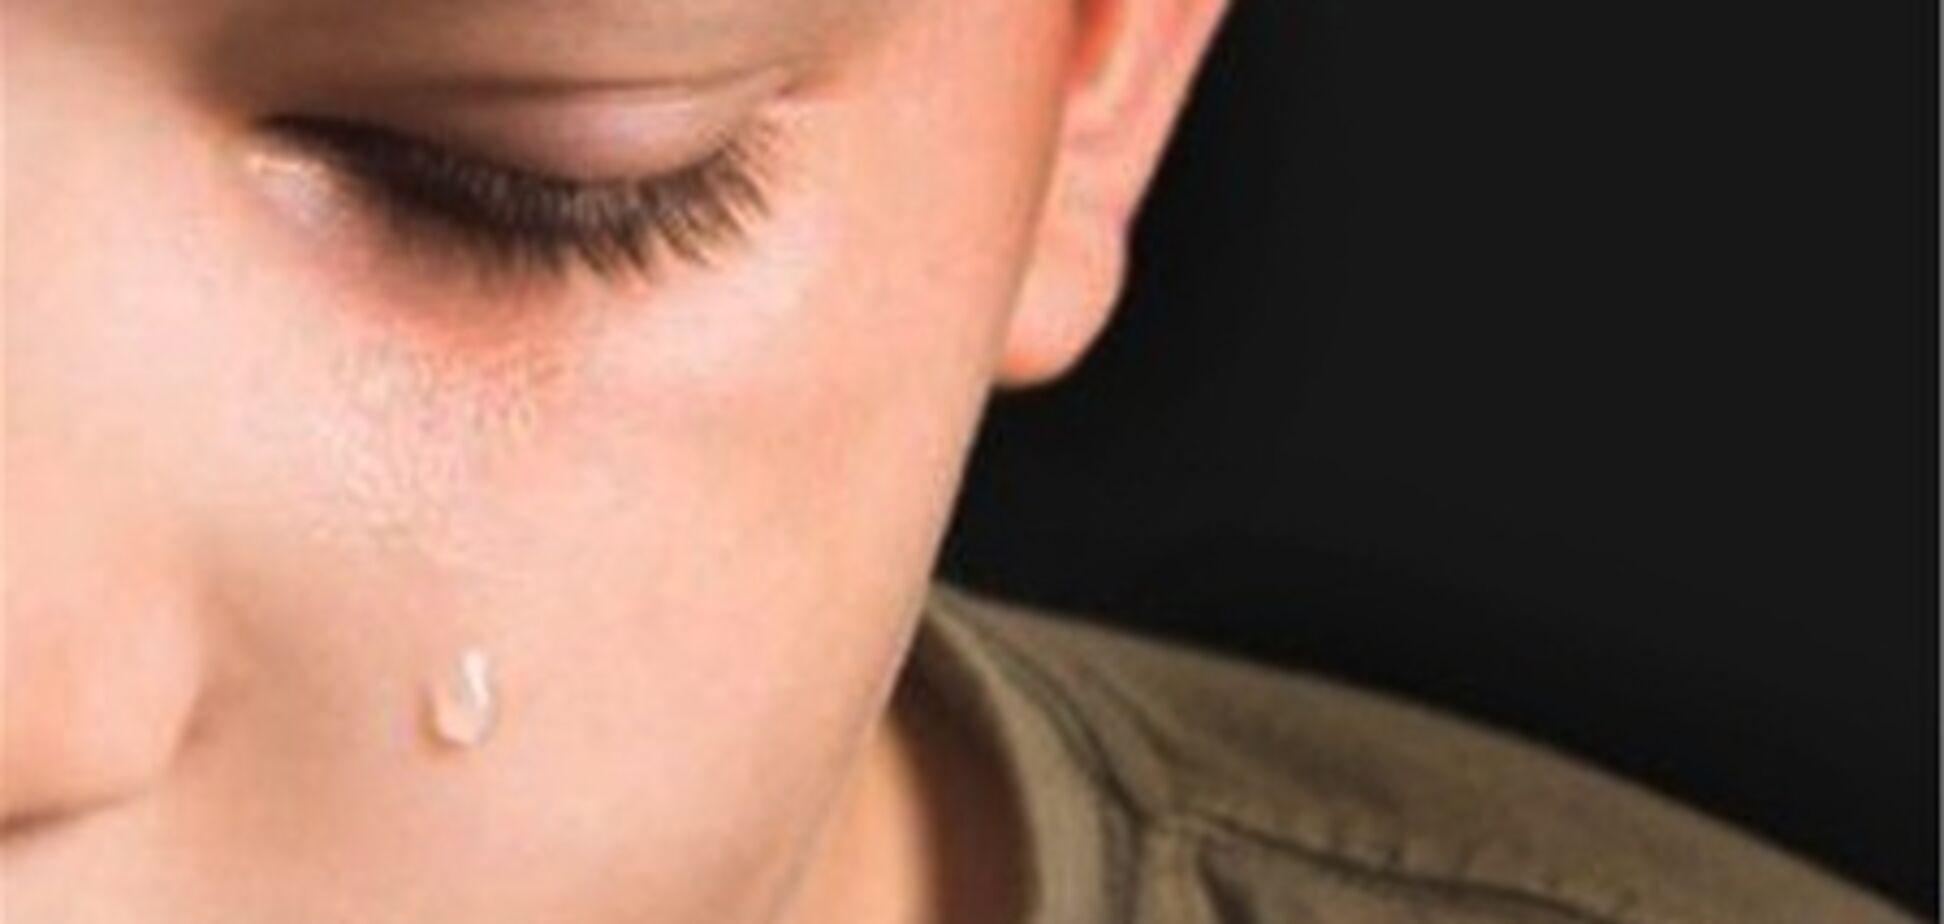 В Евпатории двое подростков изнасиловали 10-летнего мальчика